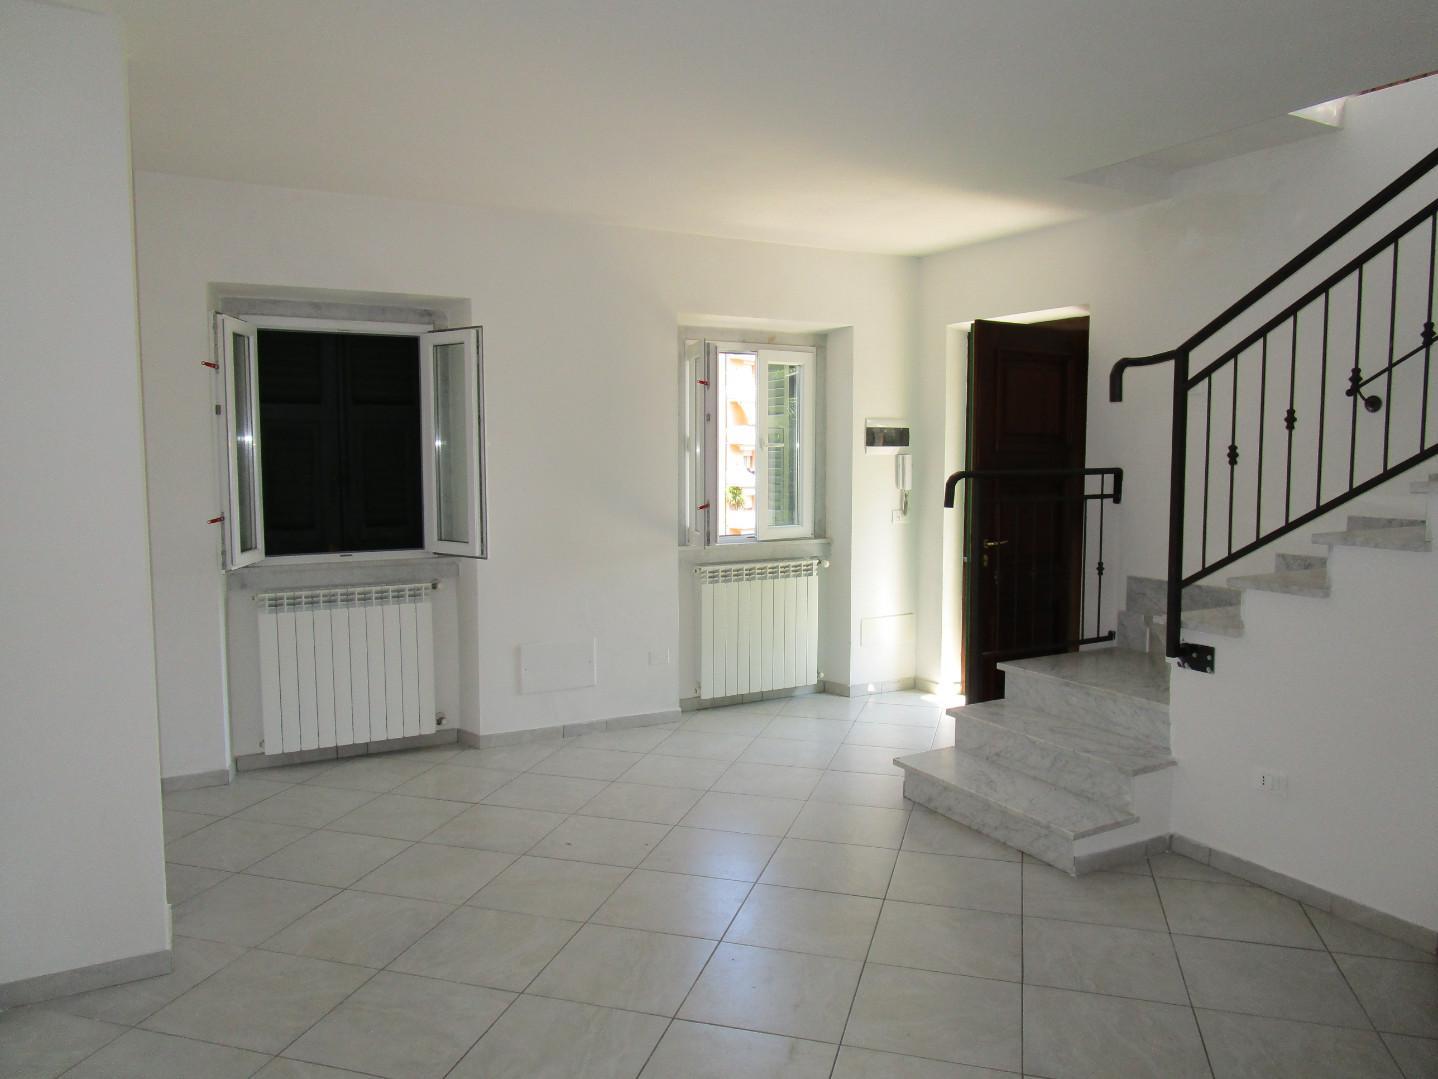 Casa semindipendente in vendita, rif. A1036